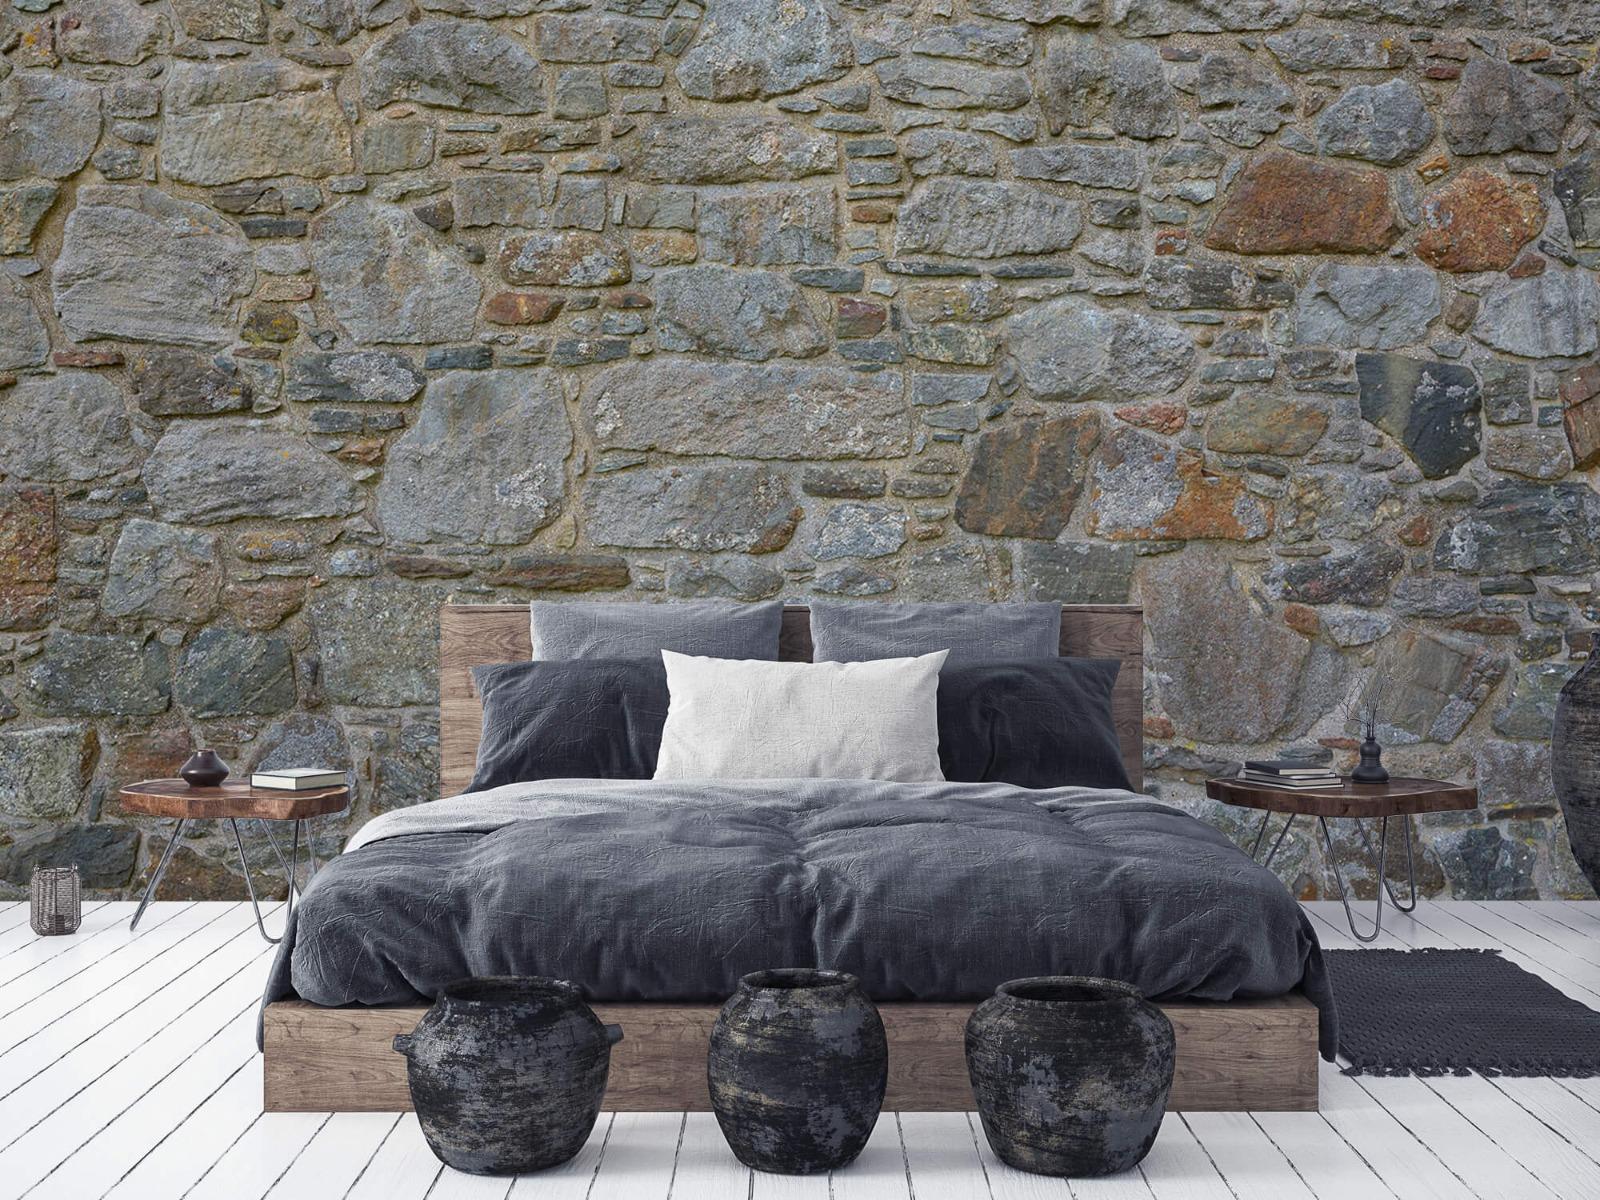 Papier peint en pierre - Mur de pierre médiéval - Chambre à coucher 6